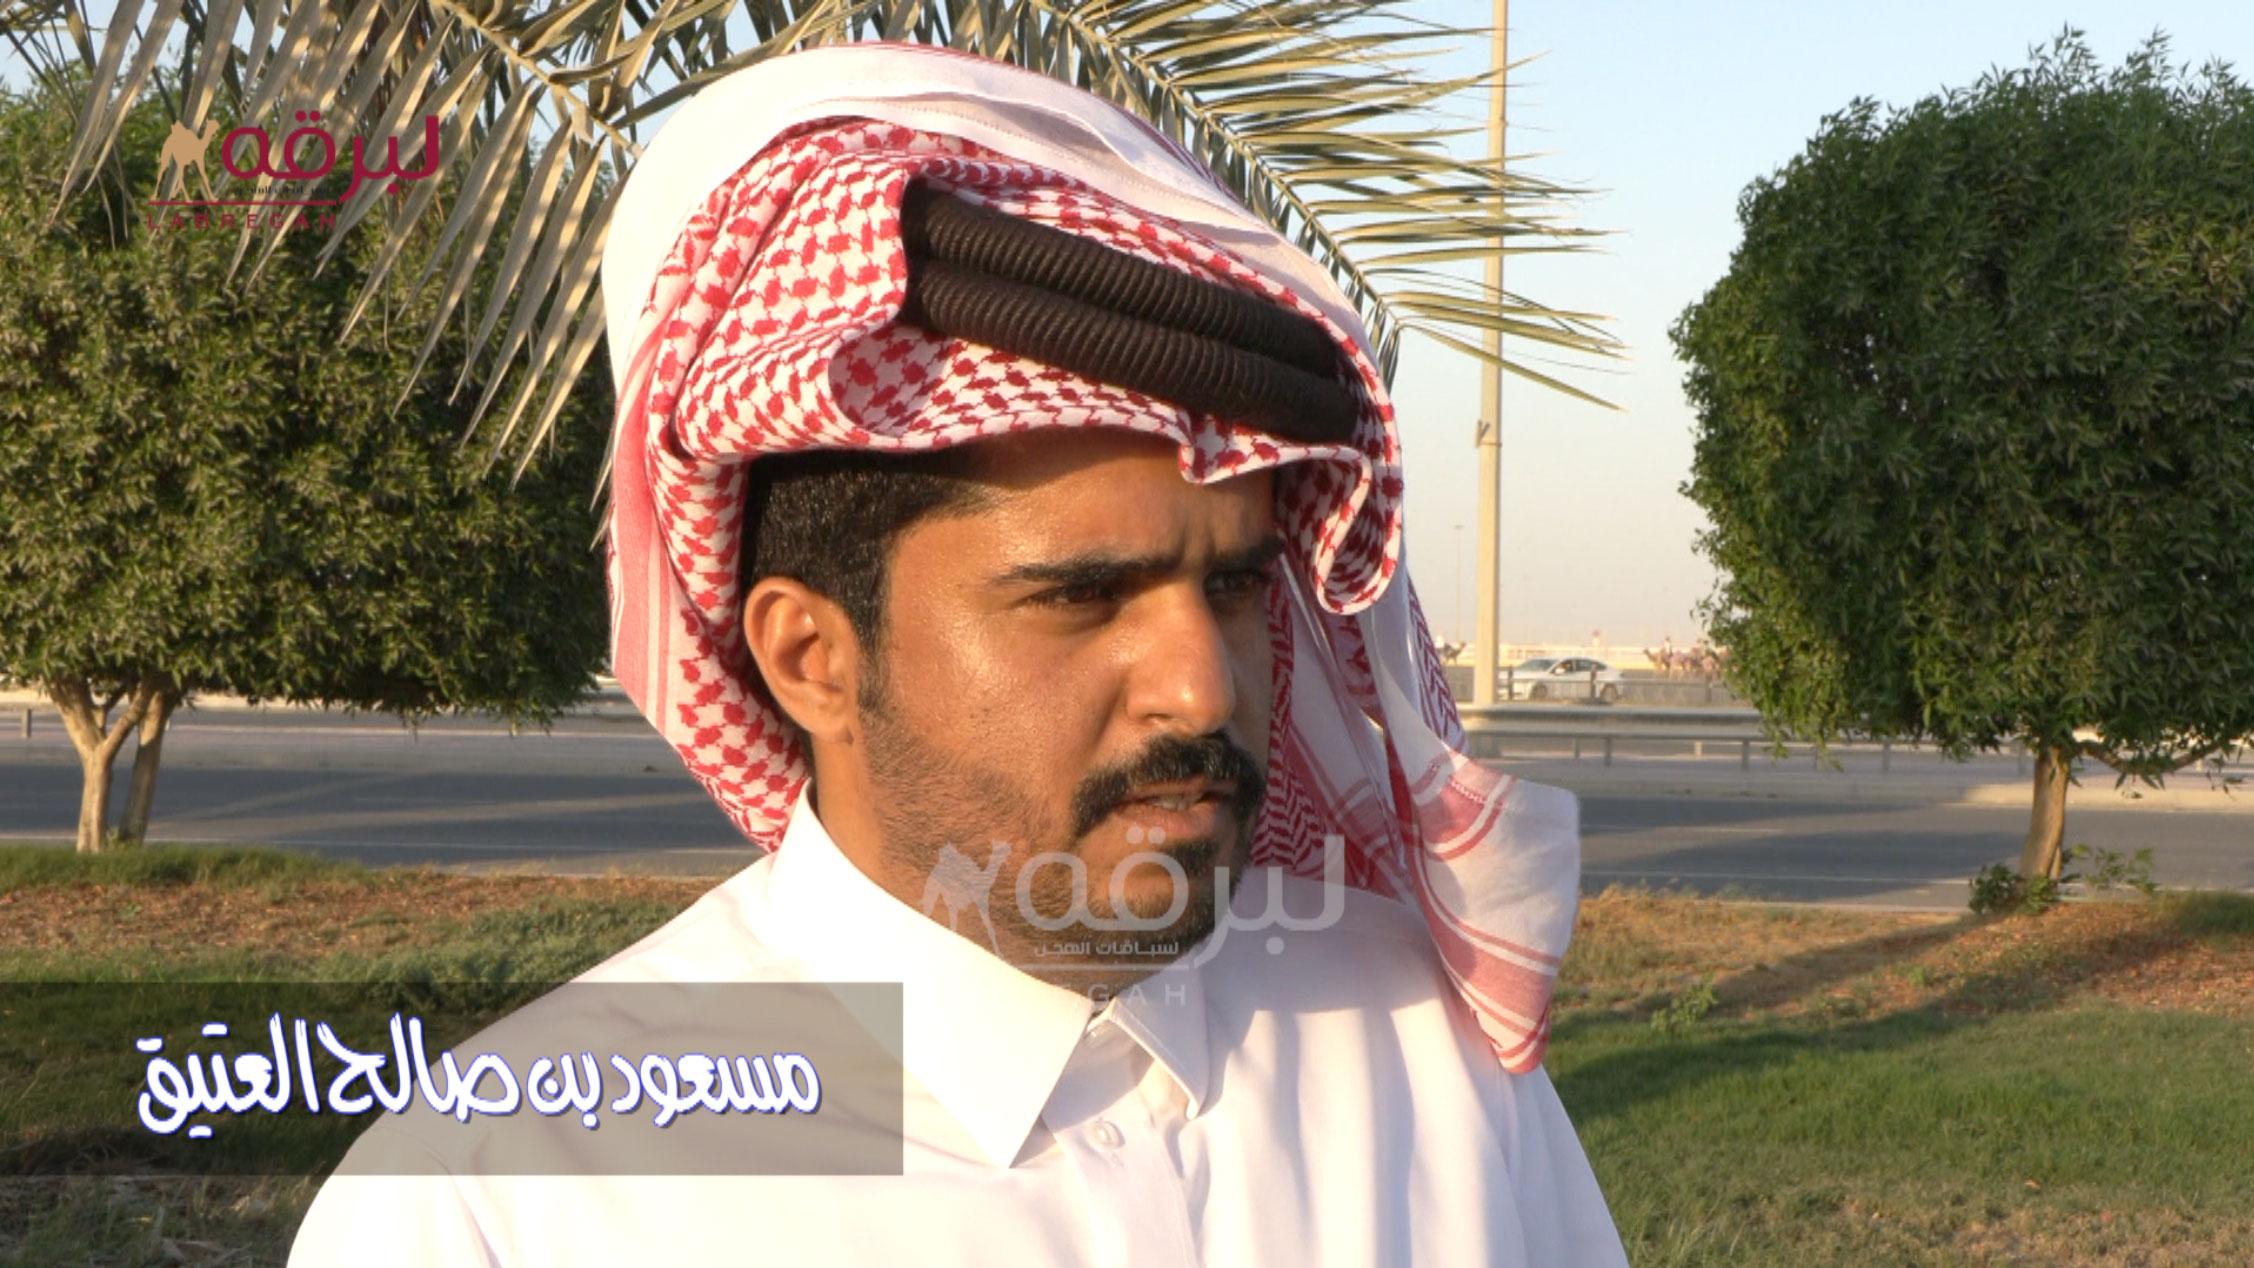 لقاء مع مسعود بن صالح العتيق.. الشوط الرئيسي للقايا قعدان (إنتاج) الأشواط العامة  ٢٢-١٠-٢٠٢١